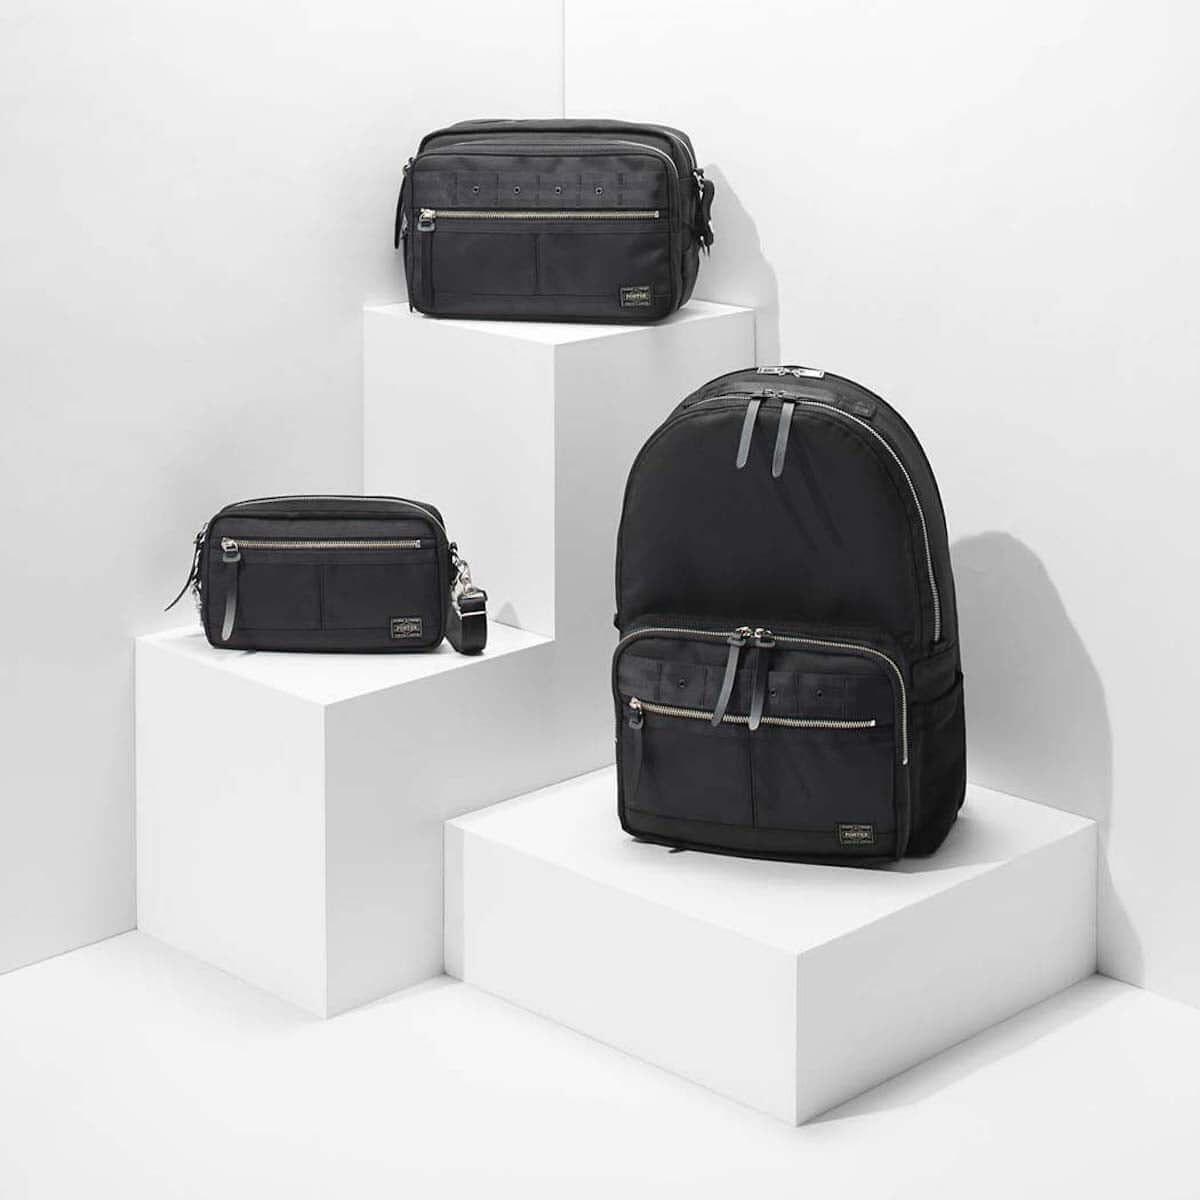 人気バッグブランドを集めたスペシャルストア「Amazon Packs」スタート!PORTERのAmazon限定モデルも fashion181130_packs_3-1200x1200